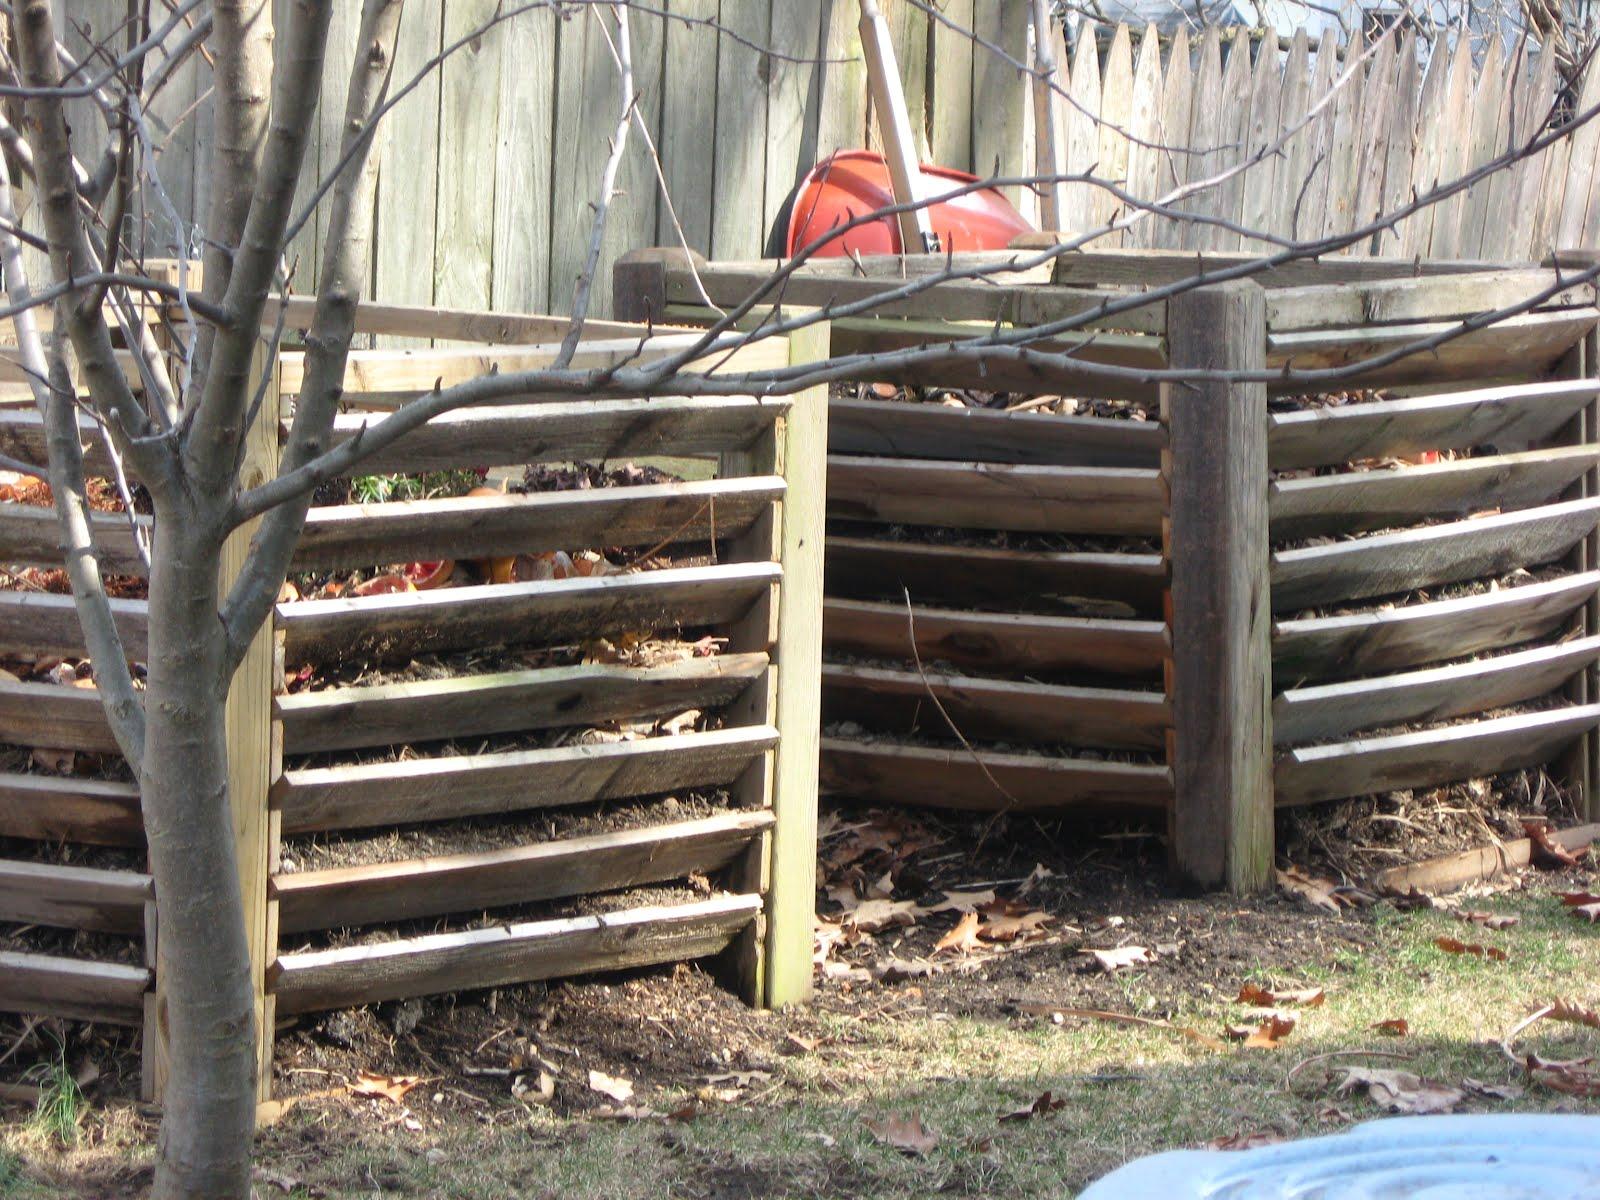 C mo hacer compost en casa ecosiglos - Como hacer compost en casa ...